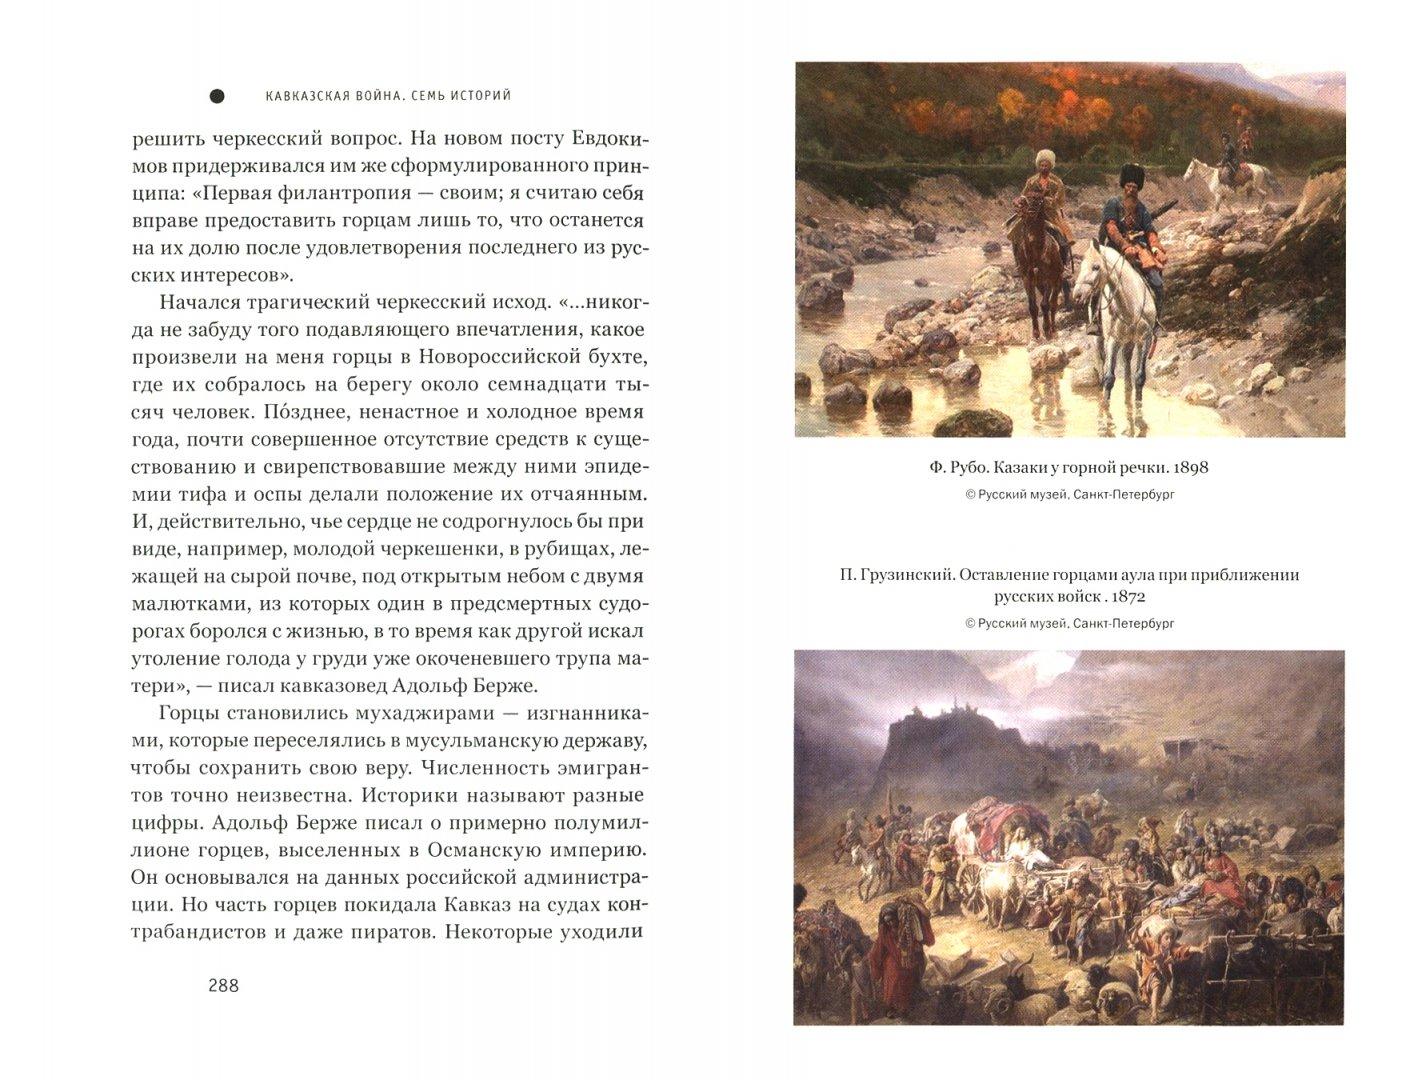 Иллюстрация 1 из 15 для Кавказская война. Семь историй - Амиран Урушадзе | Лабиринт - книги. Источник: Лабиринт